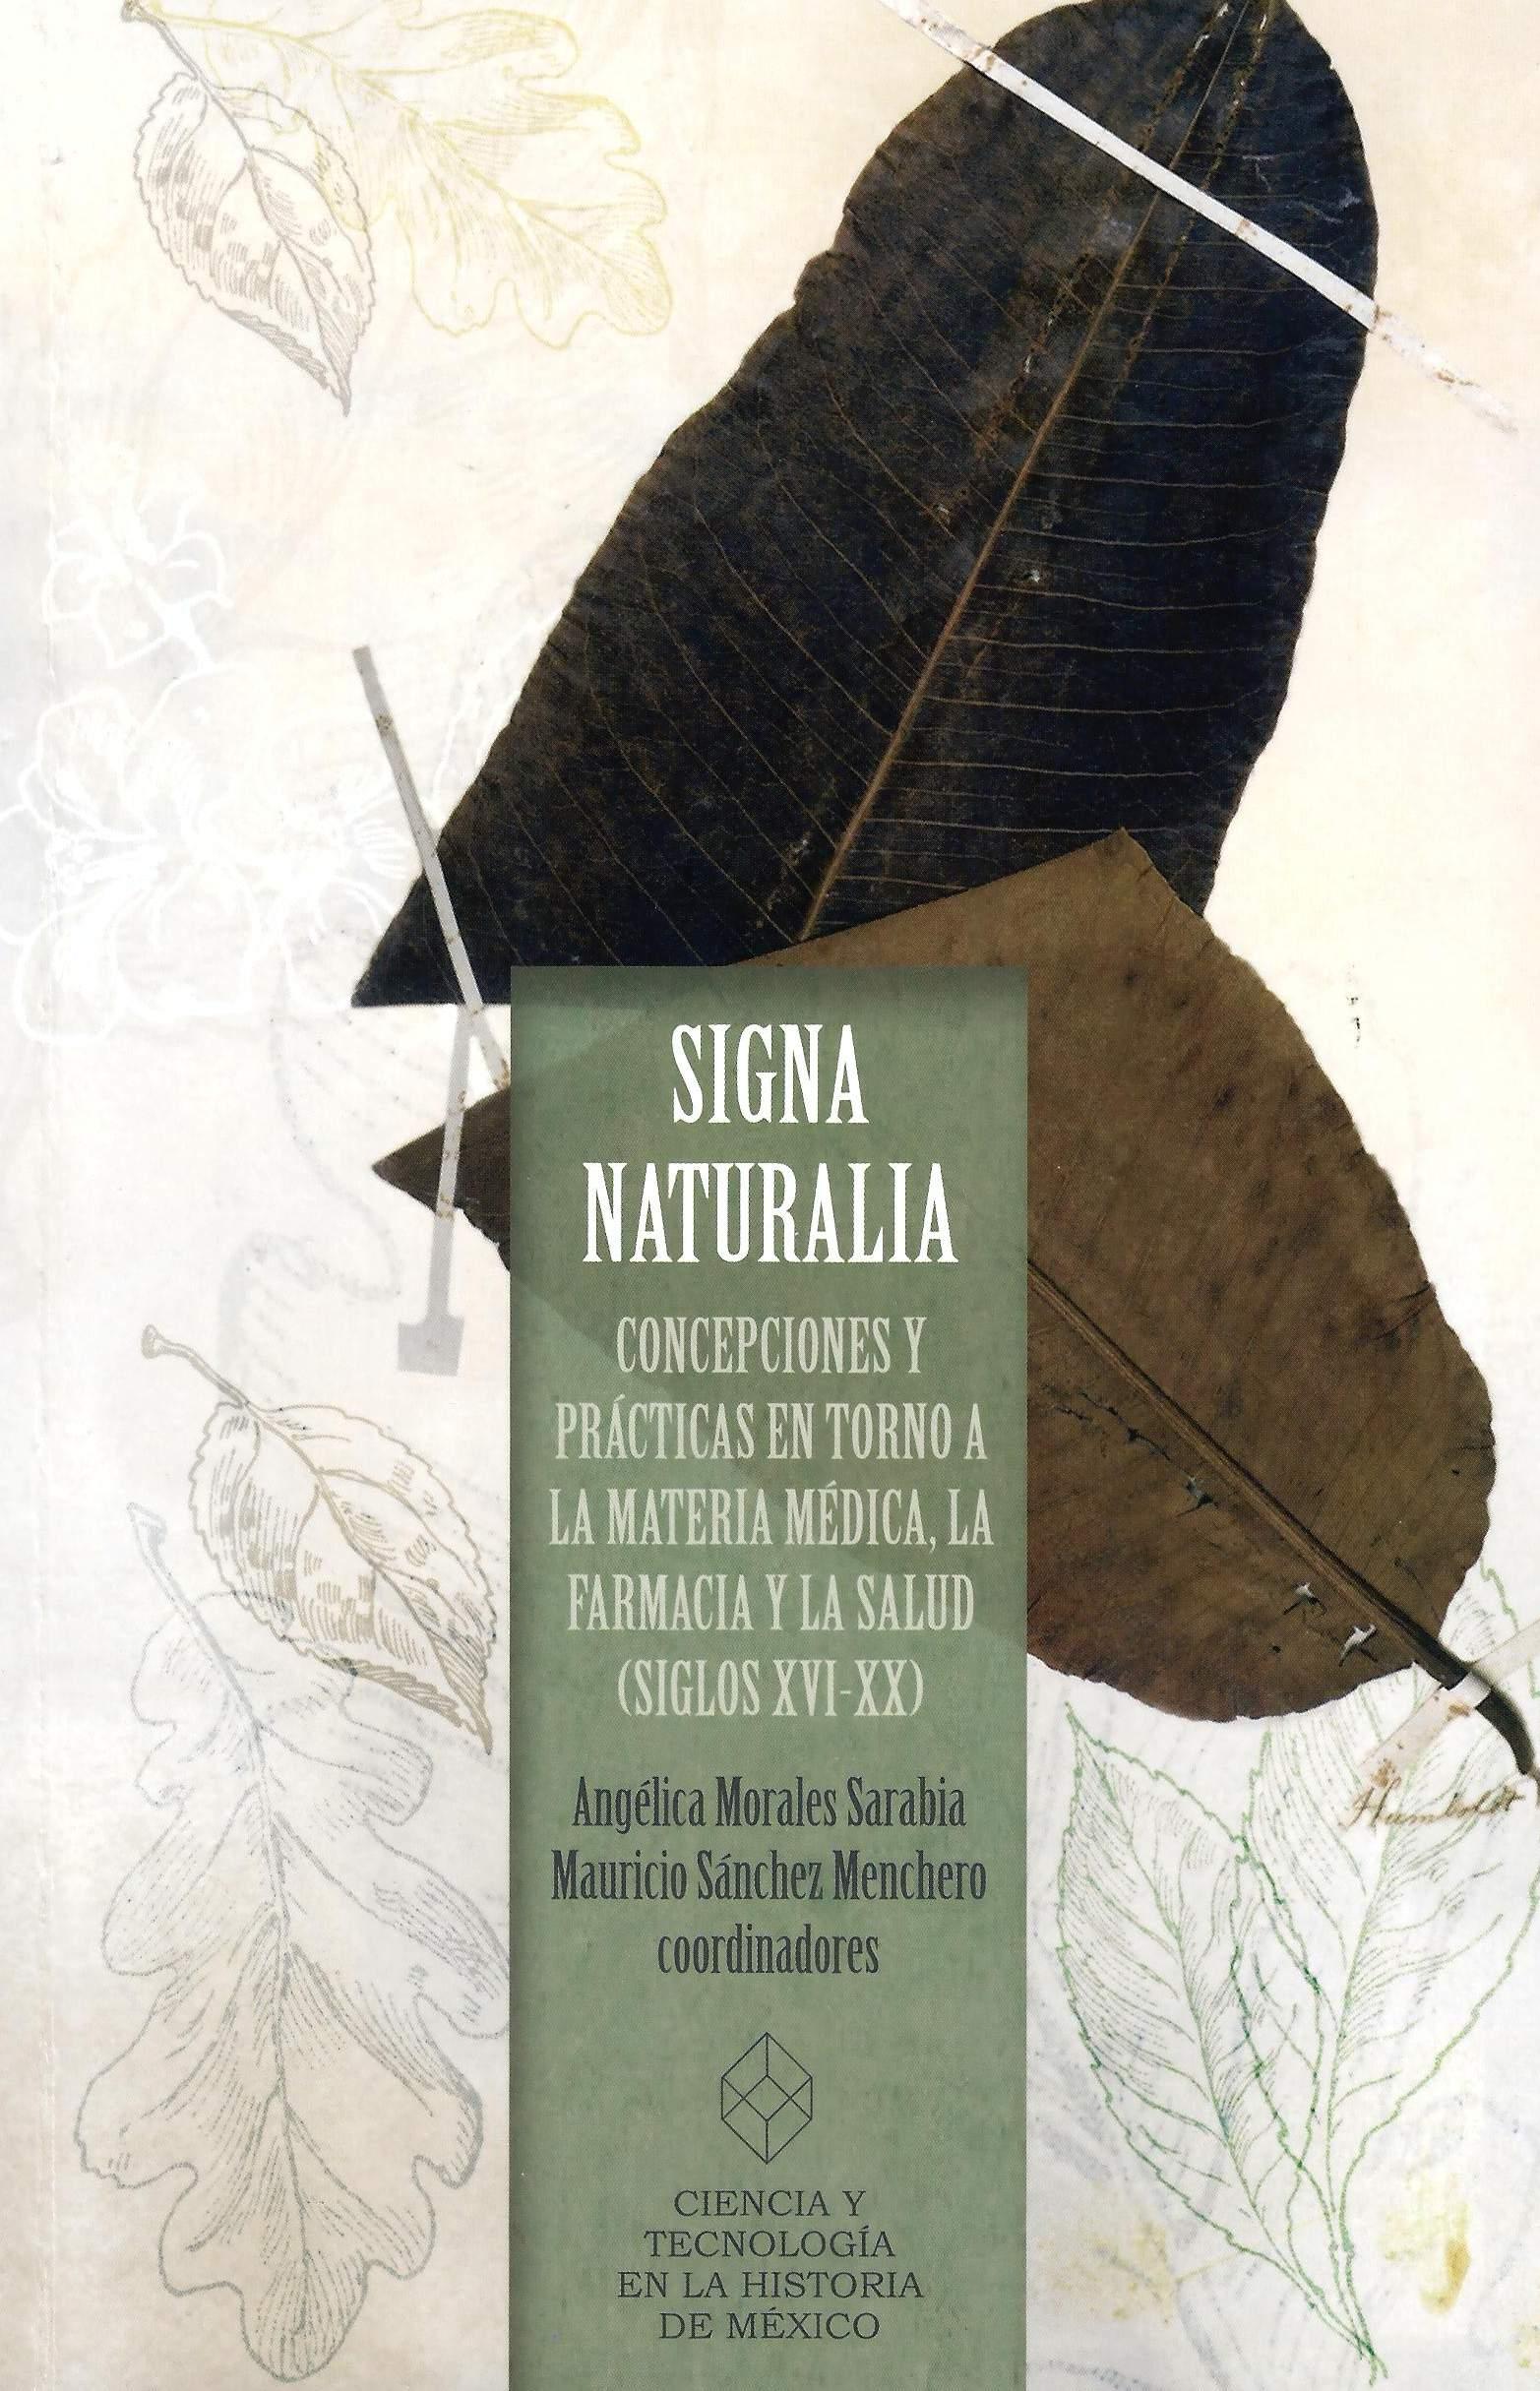 Signa naturalia: concepciones y prácticas en torno a la materia médica, la farmacia y la salud